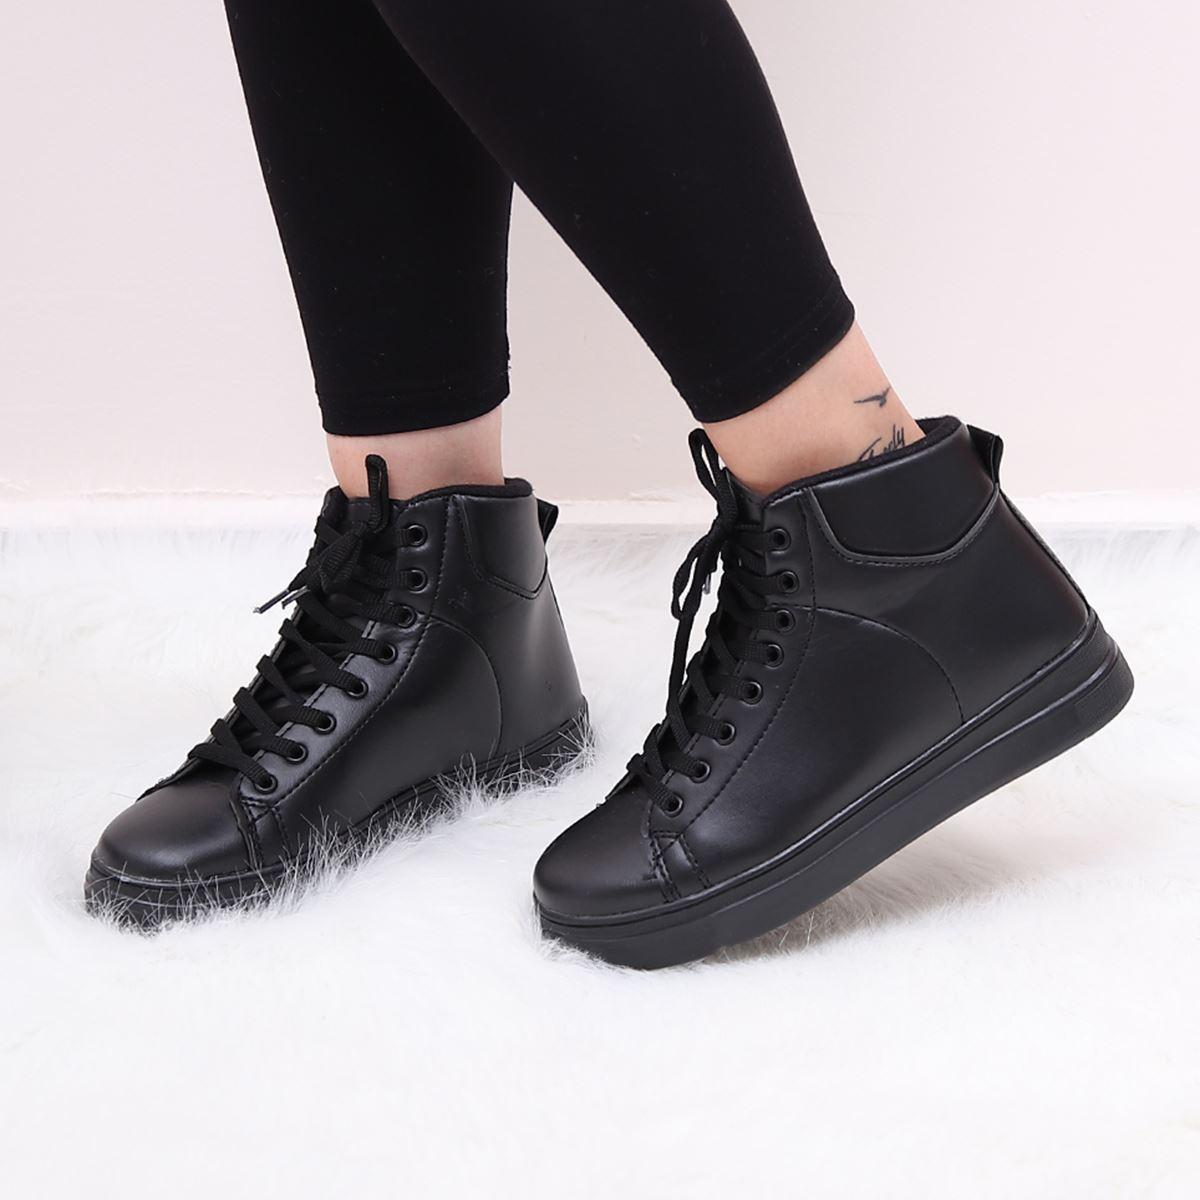 Siyah Spor Ayakkabı AYK146